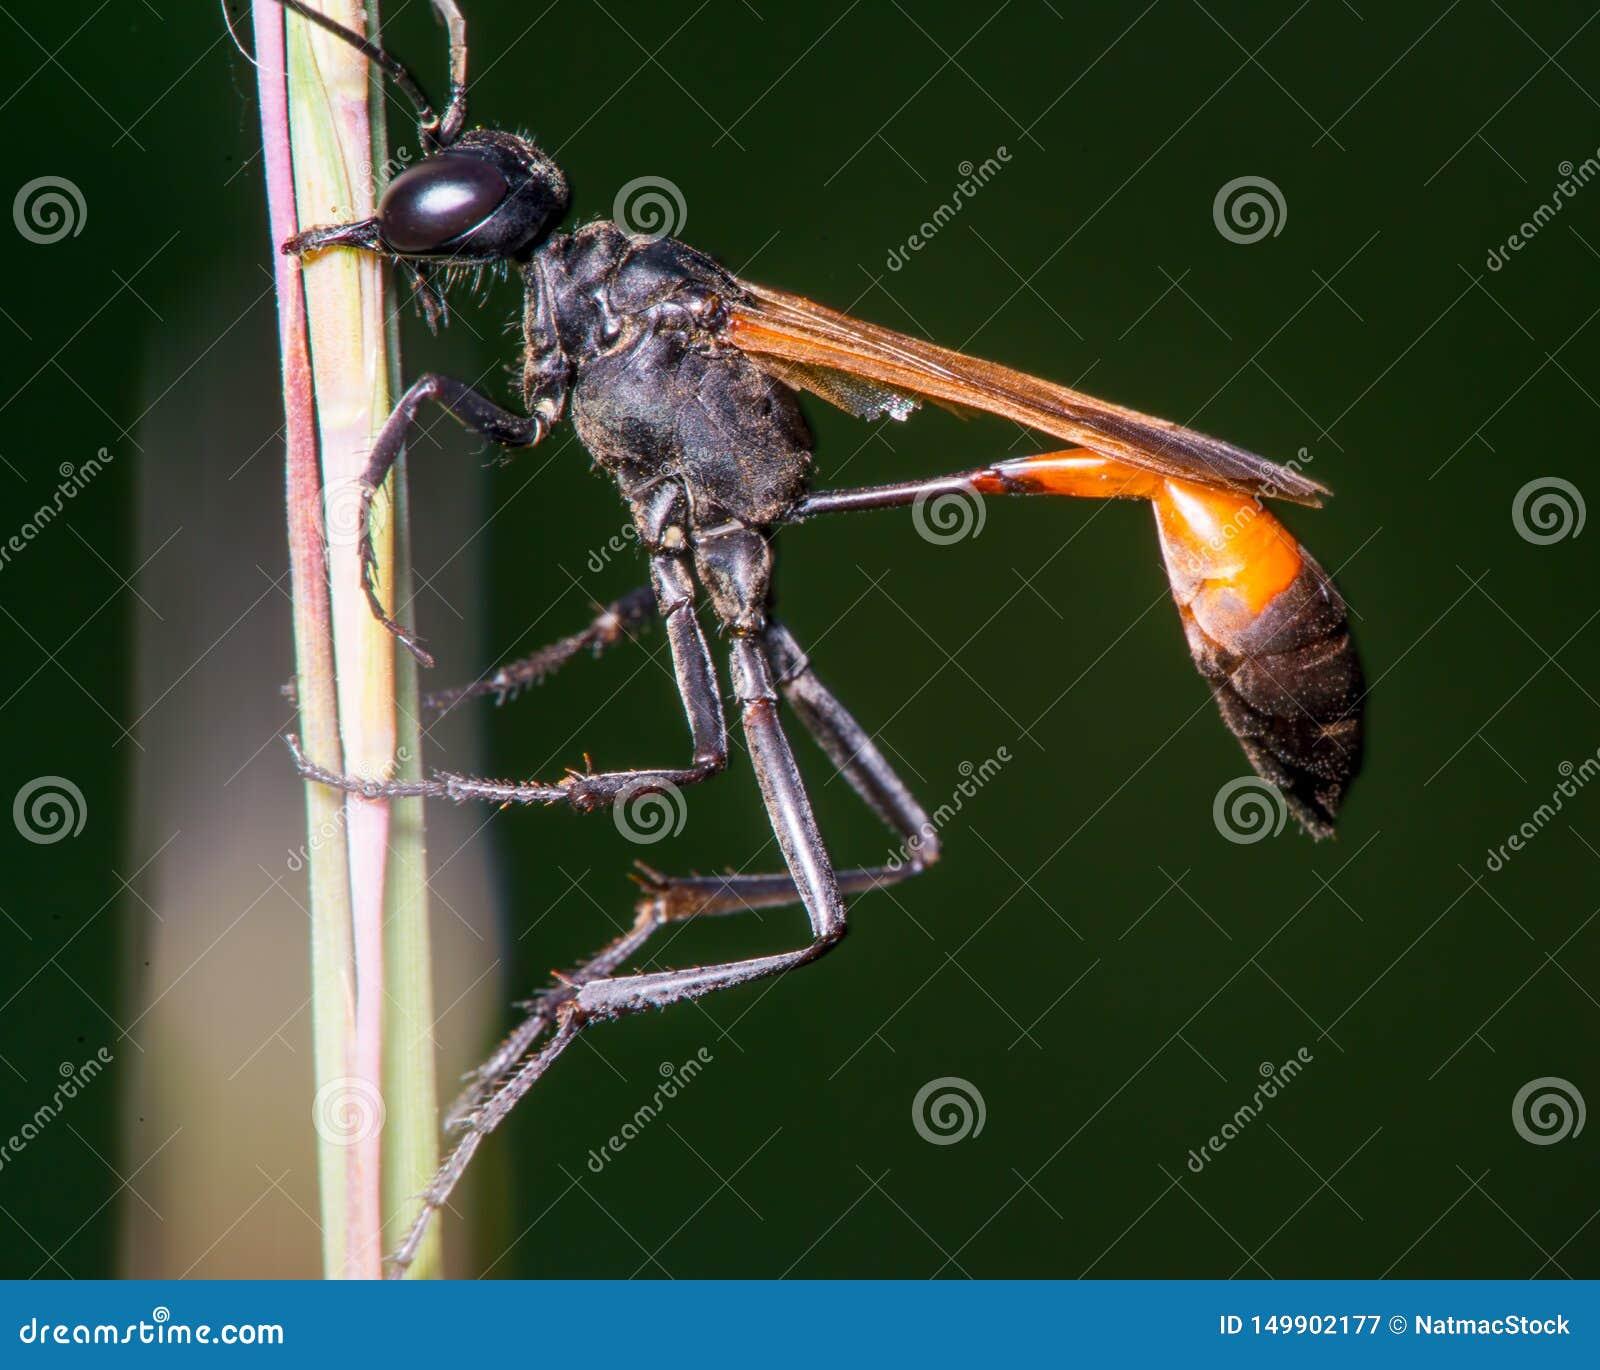 De extreme close-up van wat ik geloof is een draad-verspilde wesp die - mond op lang gras/riet gebruiken - in het Houten Centrum